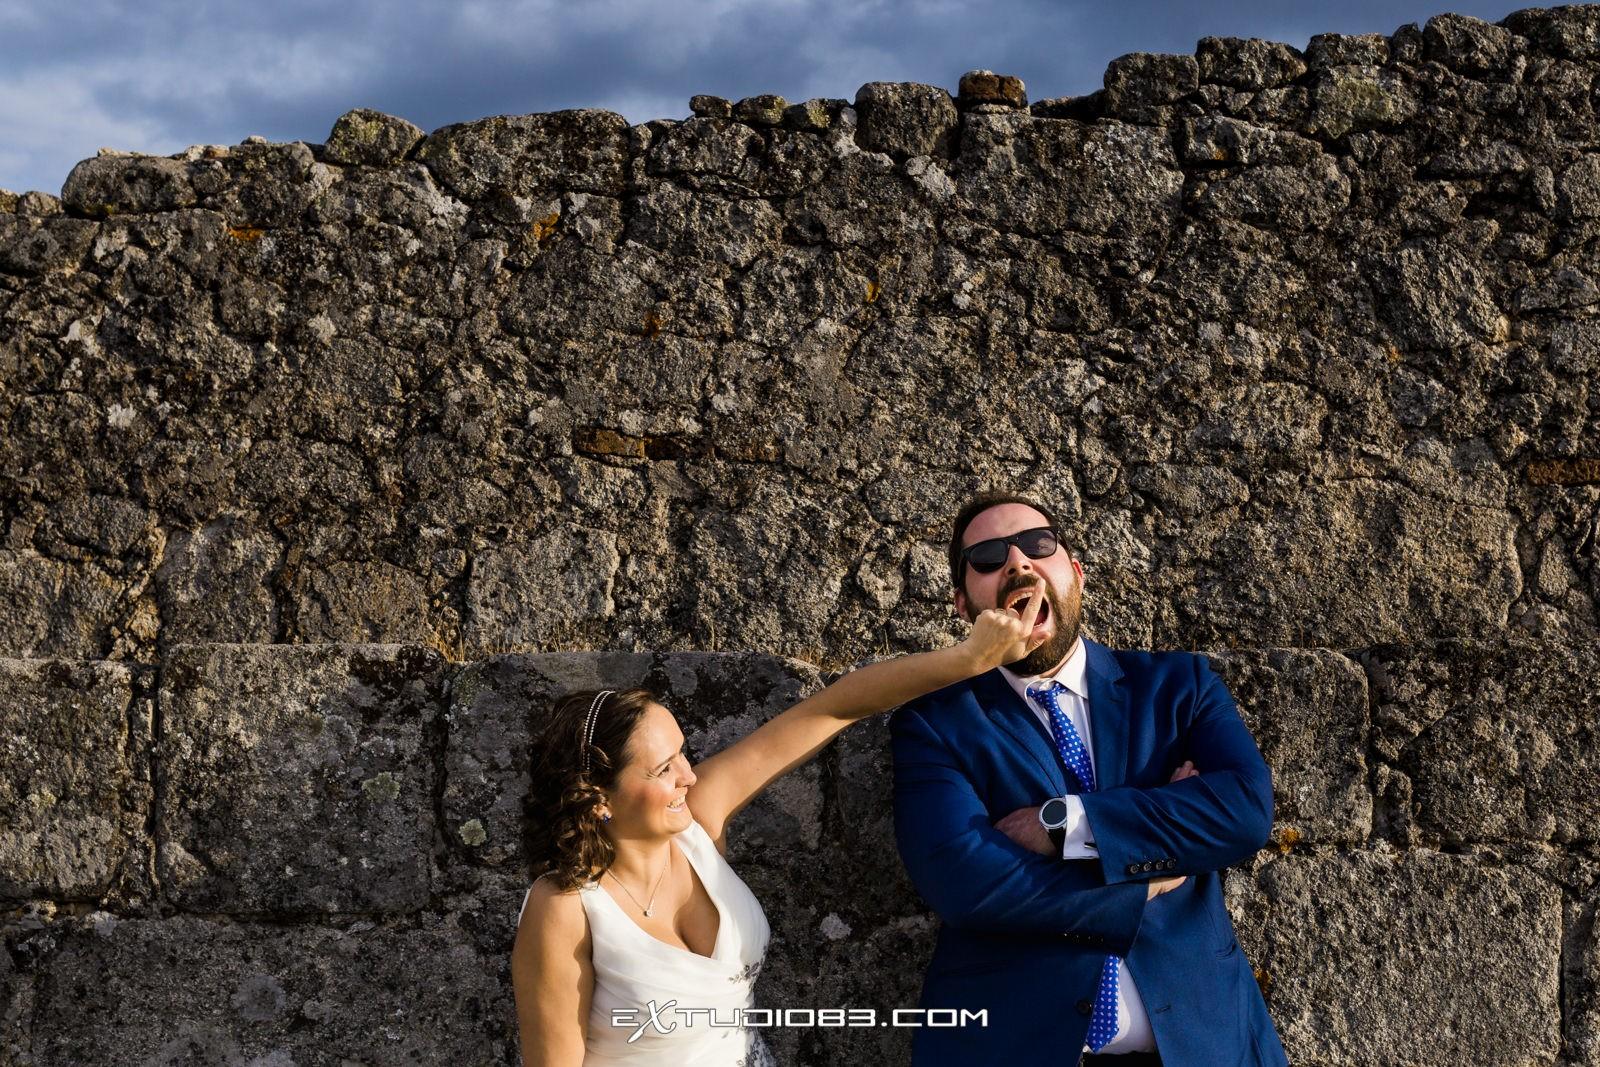 fotografo-bodas-coria-002